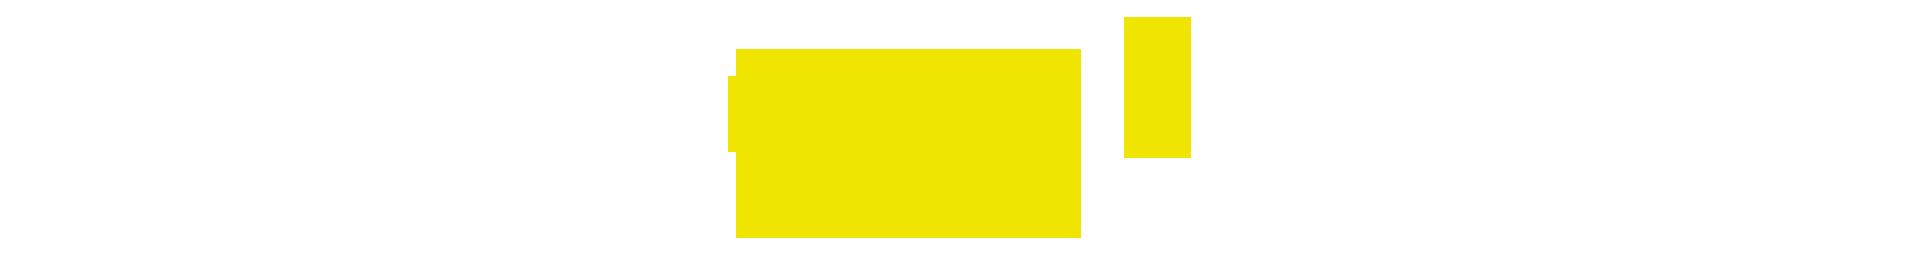 02_oque_e